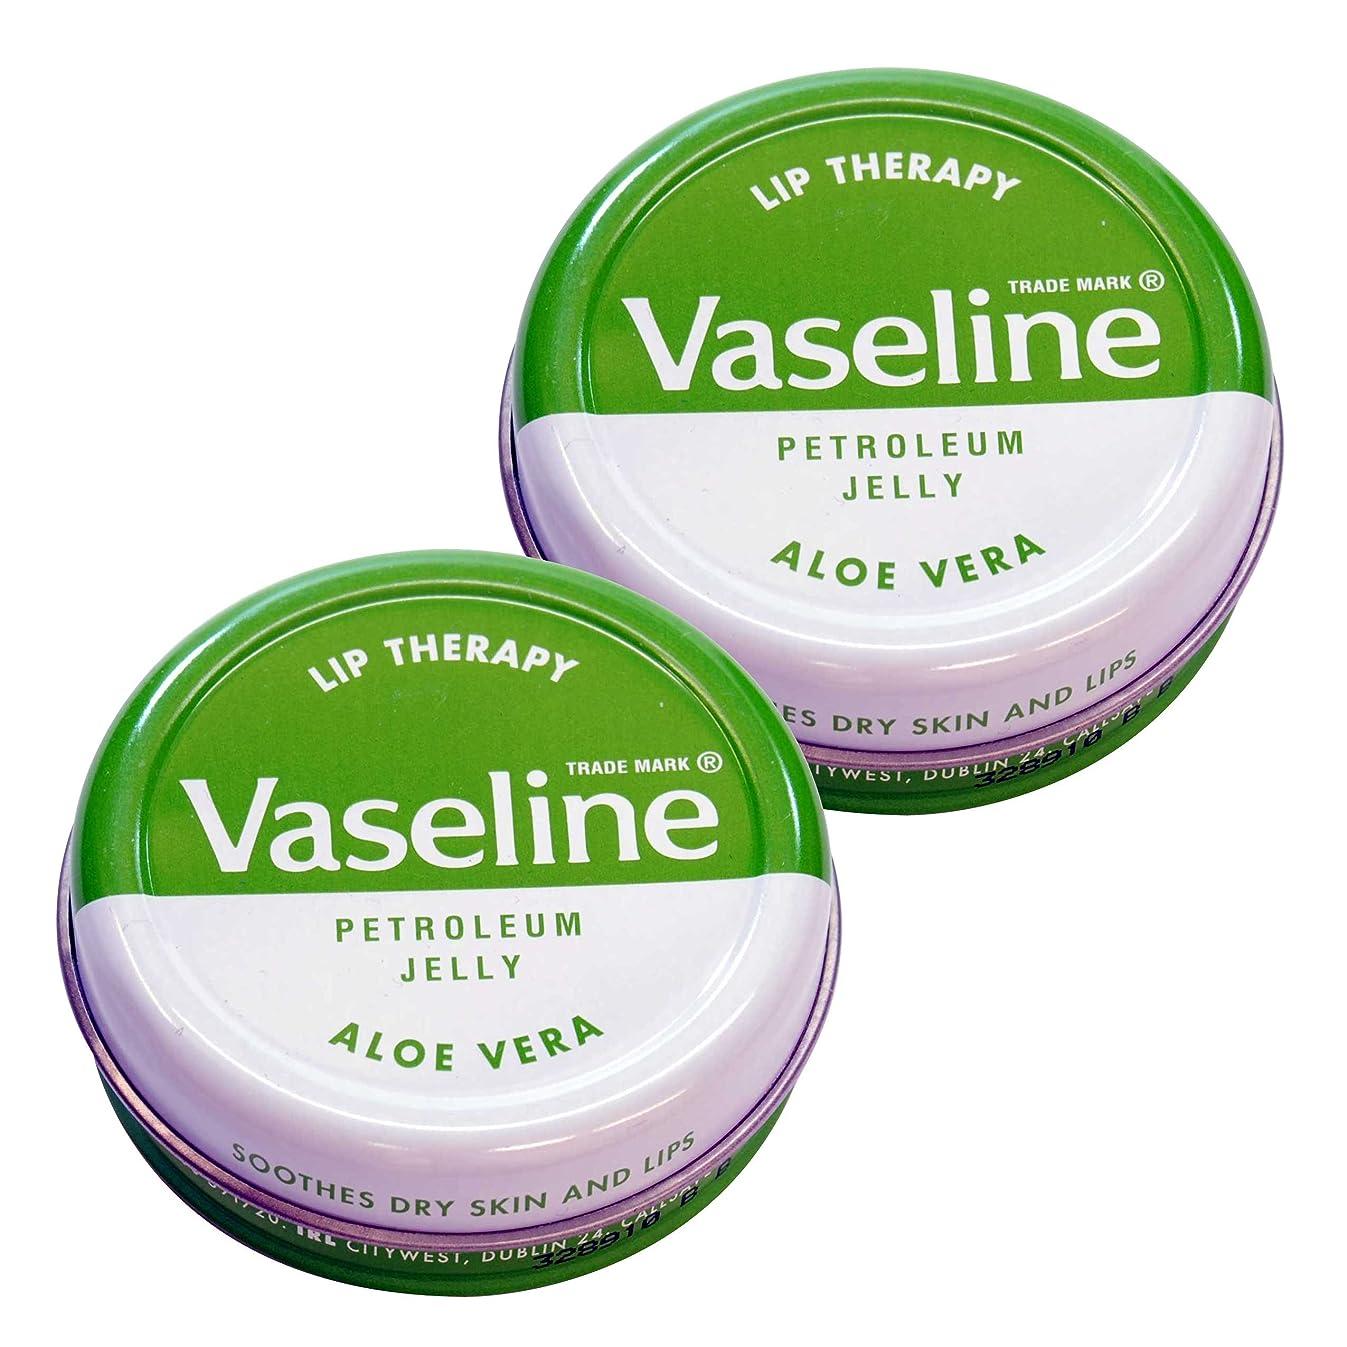 異邦人最大のおじいちゃんVaseline Lip Therapy <ヴァセリン リップセラピー> 20g Aloe <アロエ> 2個セット 【並行輸入品】【海外直送品】